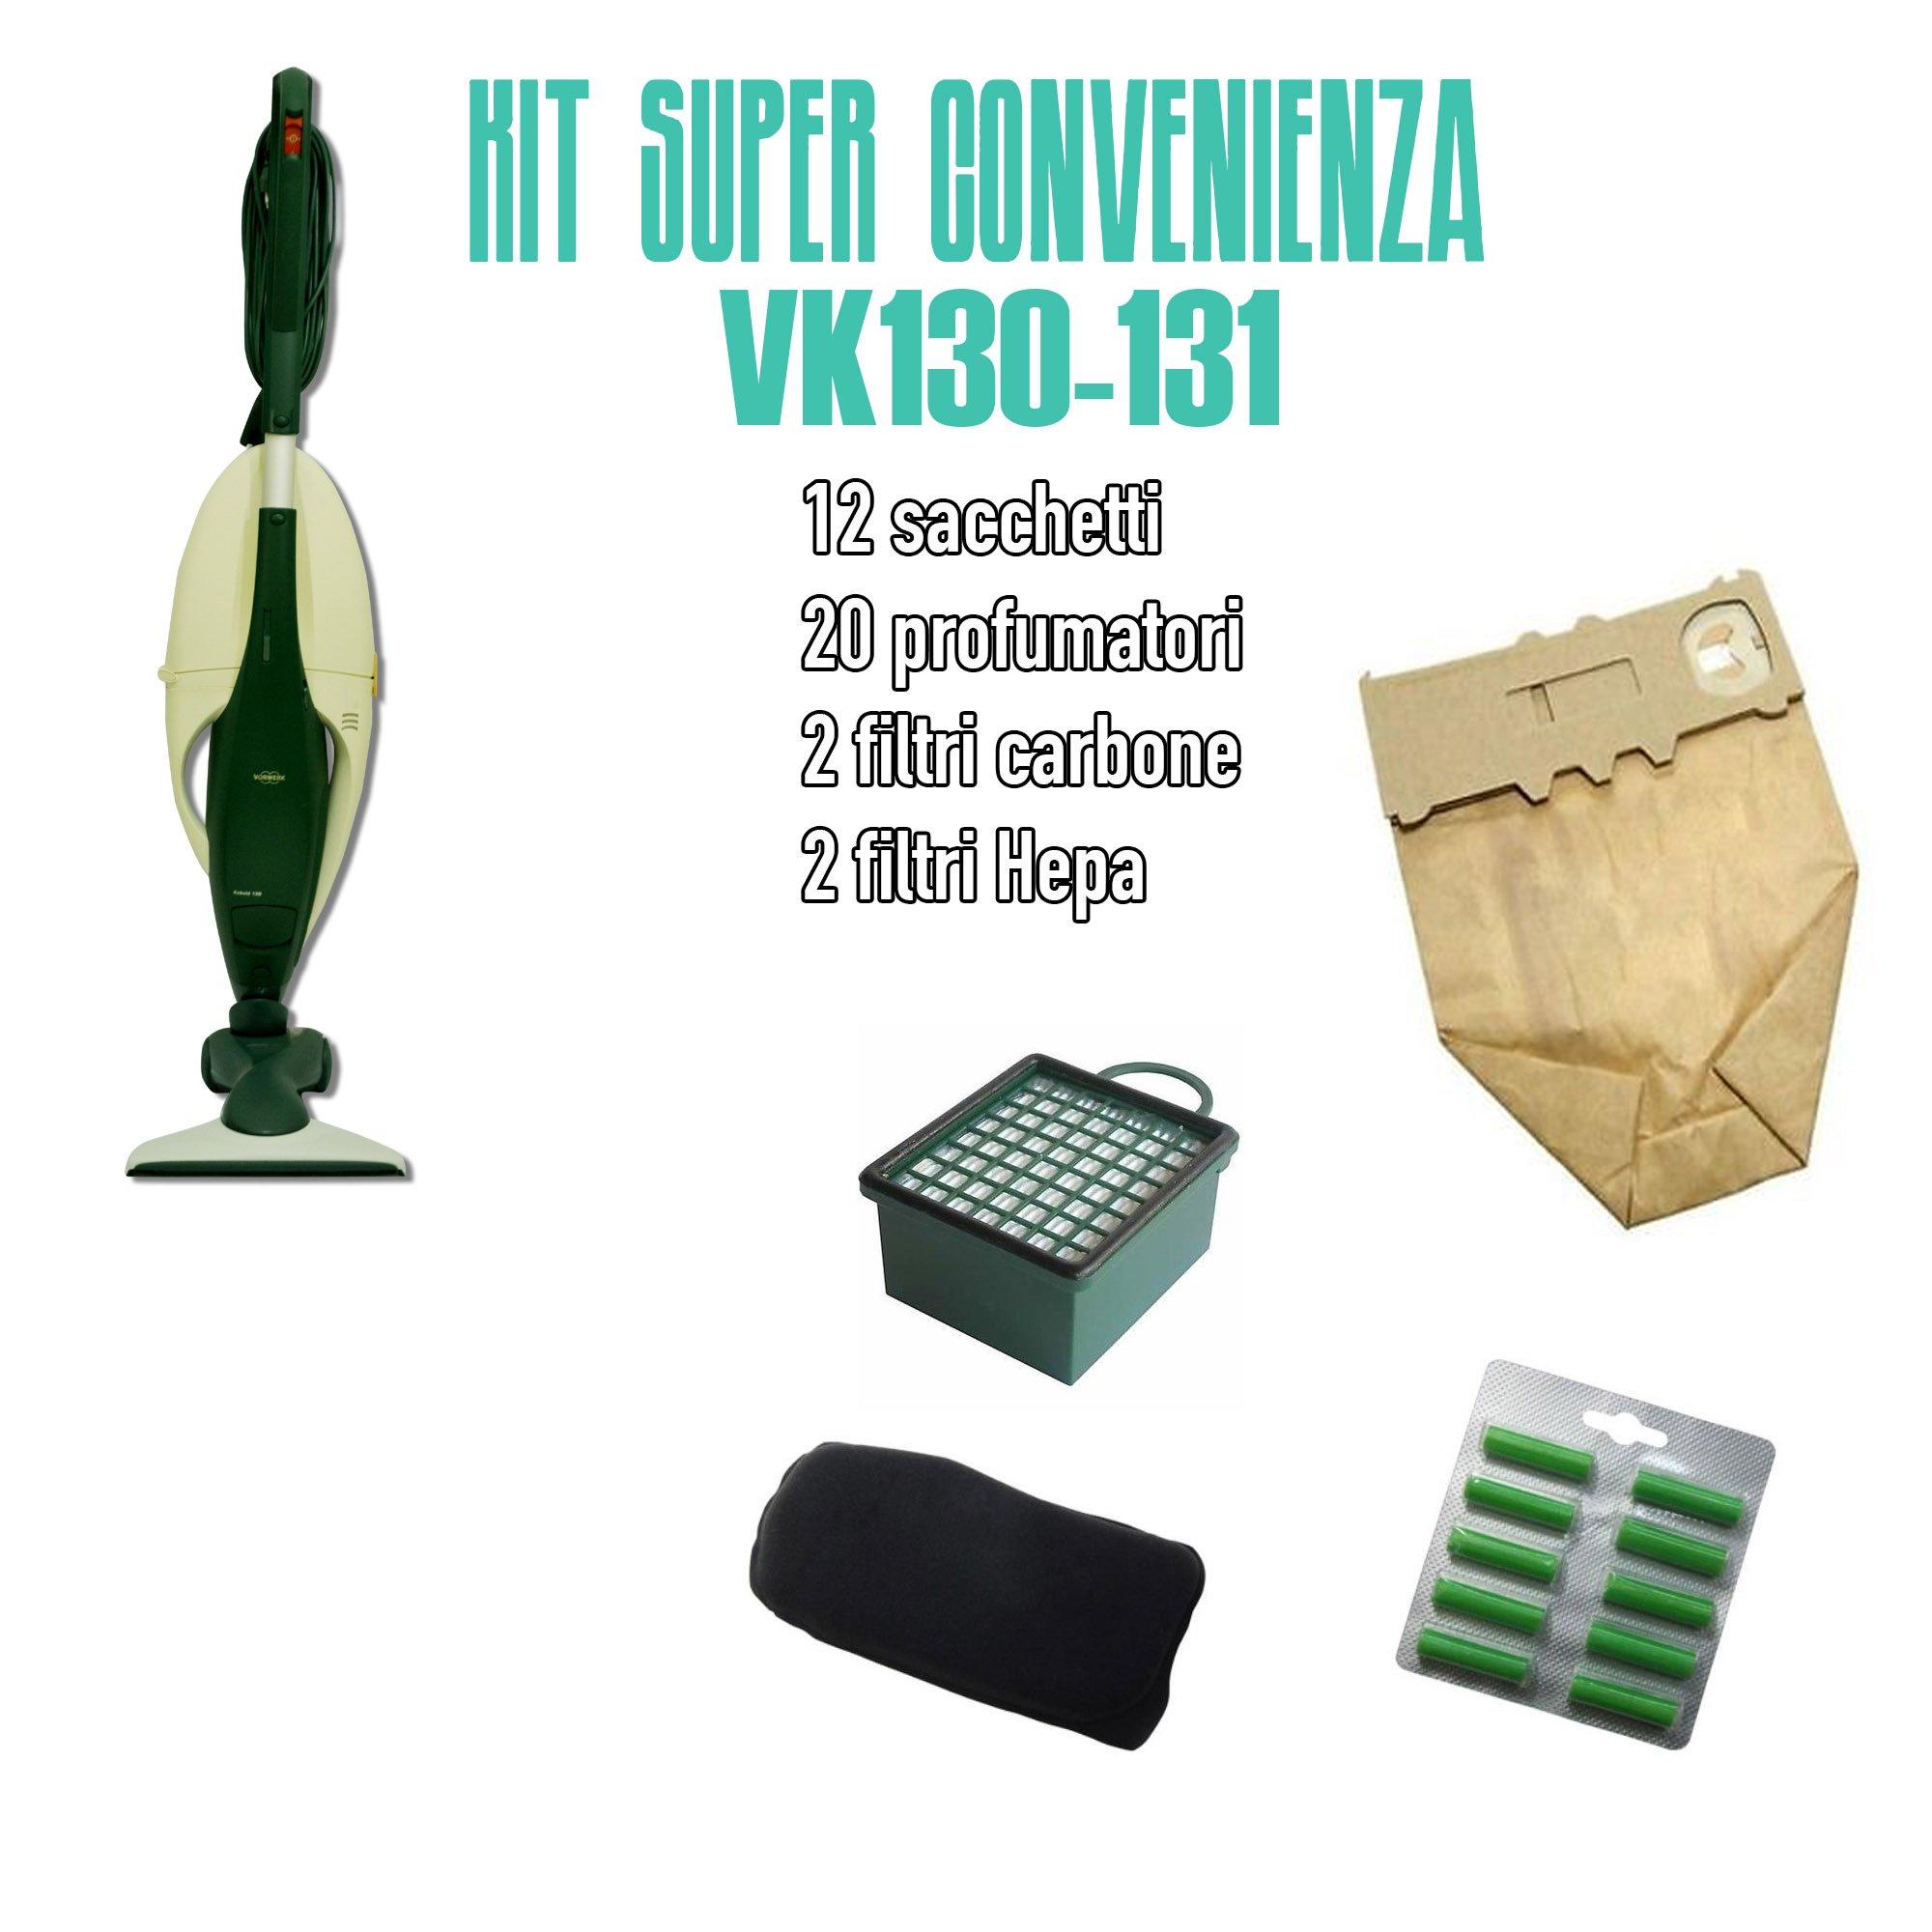 kit convenenzia per Folletto VK130-131